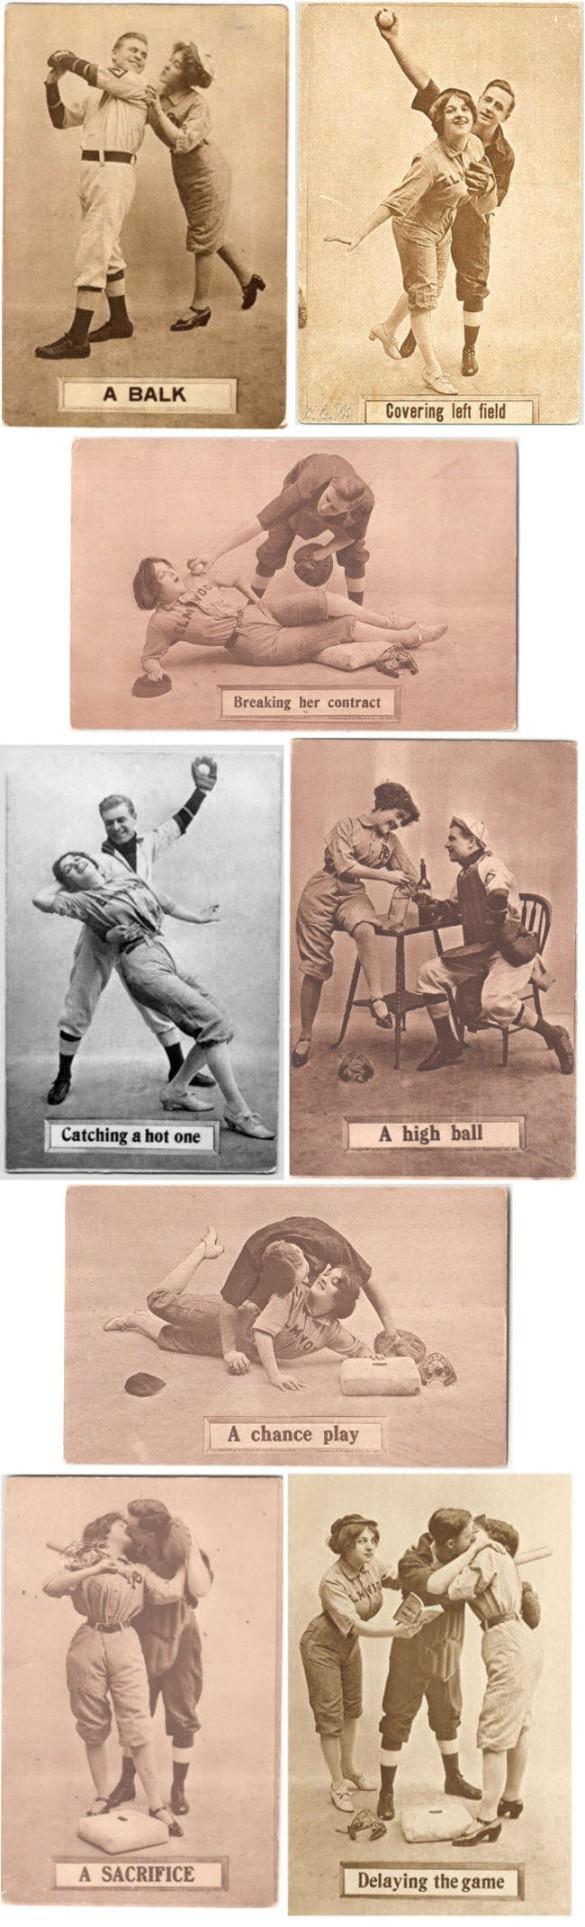 Vintage baseball comic postcards